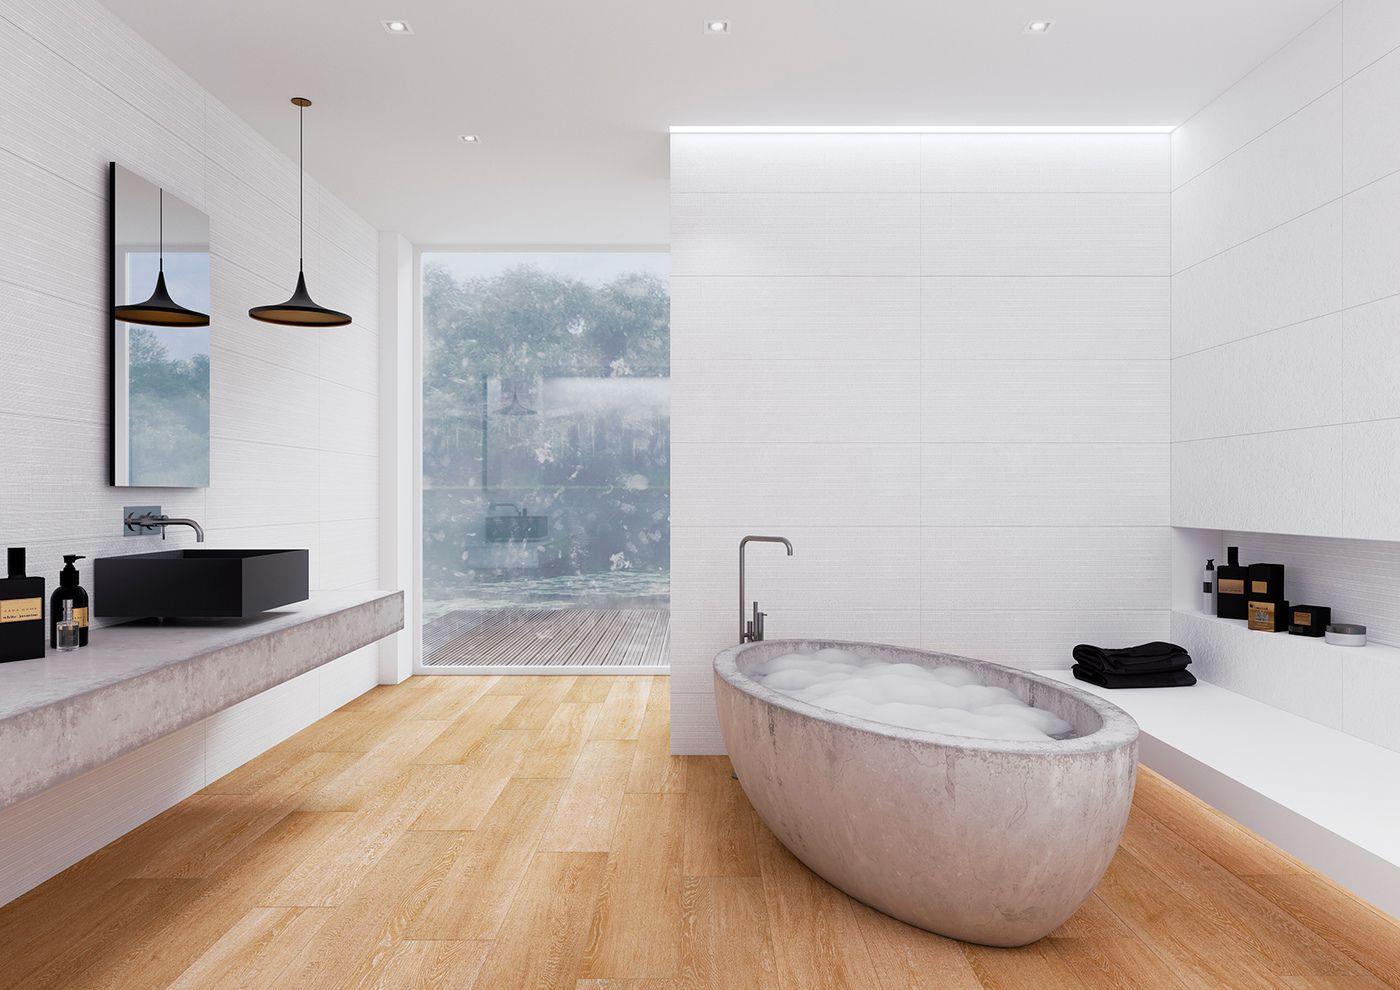 Wir Von Frankeraumwert Achten Dadrauf Dass Ihr Wunsch Von Einer Individuelle Wandgestaltung Verwirklicht Wird Mit Bildern Innenarchitektur Schlafzimmer Wohnung Badezimmer